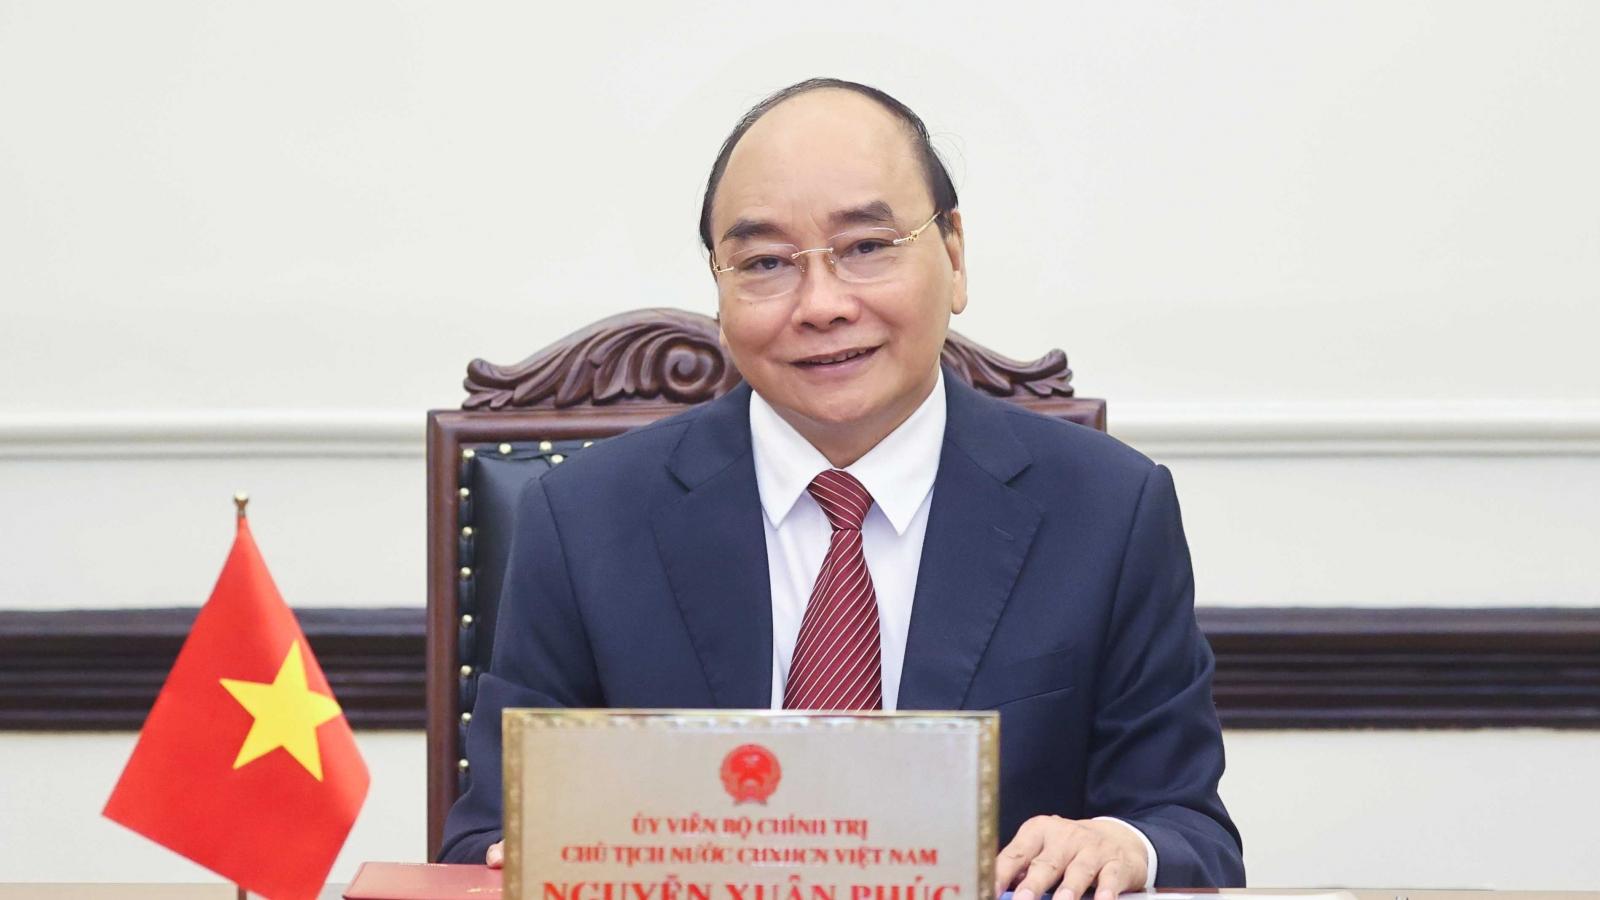 Chủ tịch nước mong Nga đẩy nhanh chuyển giao công nghệ sản xuất vaccine cho Việt Nam